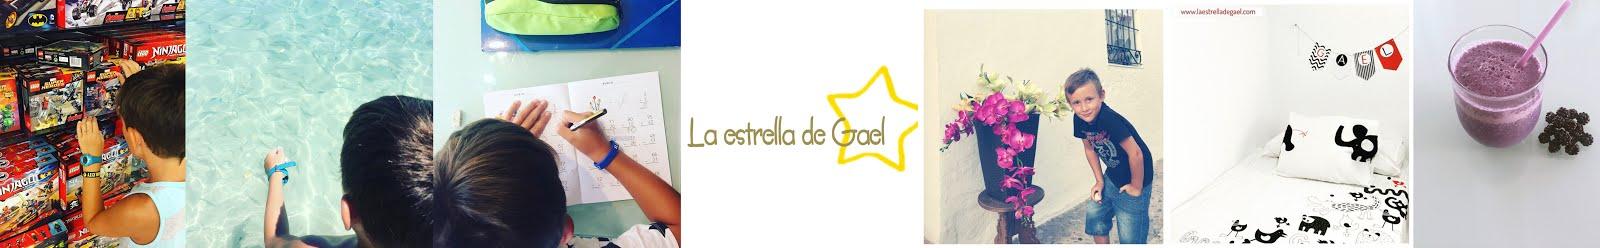 La estrella de Gael